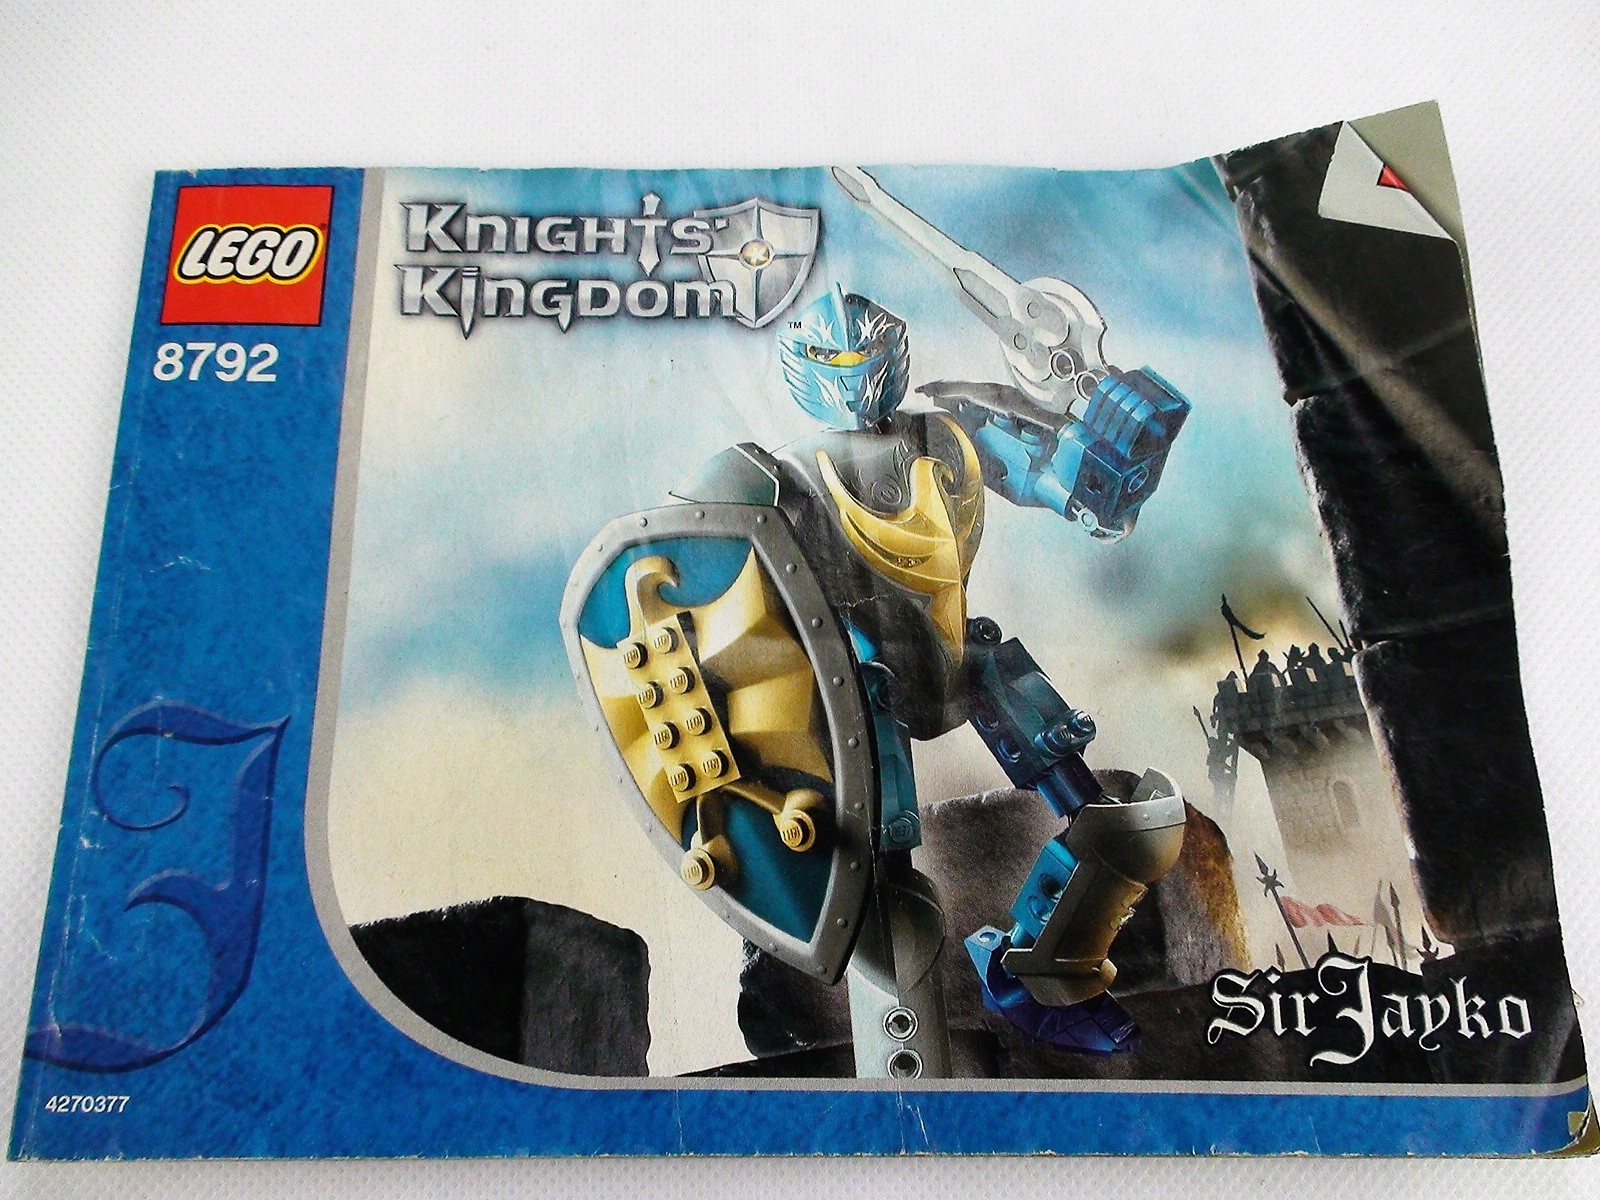 Lego Knight's Kingdom 8792